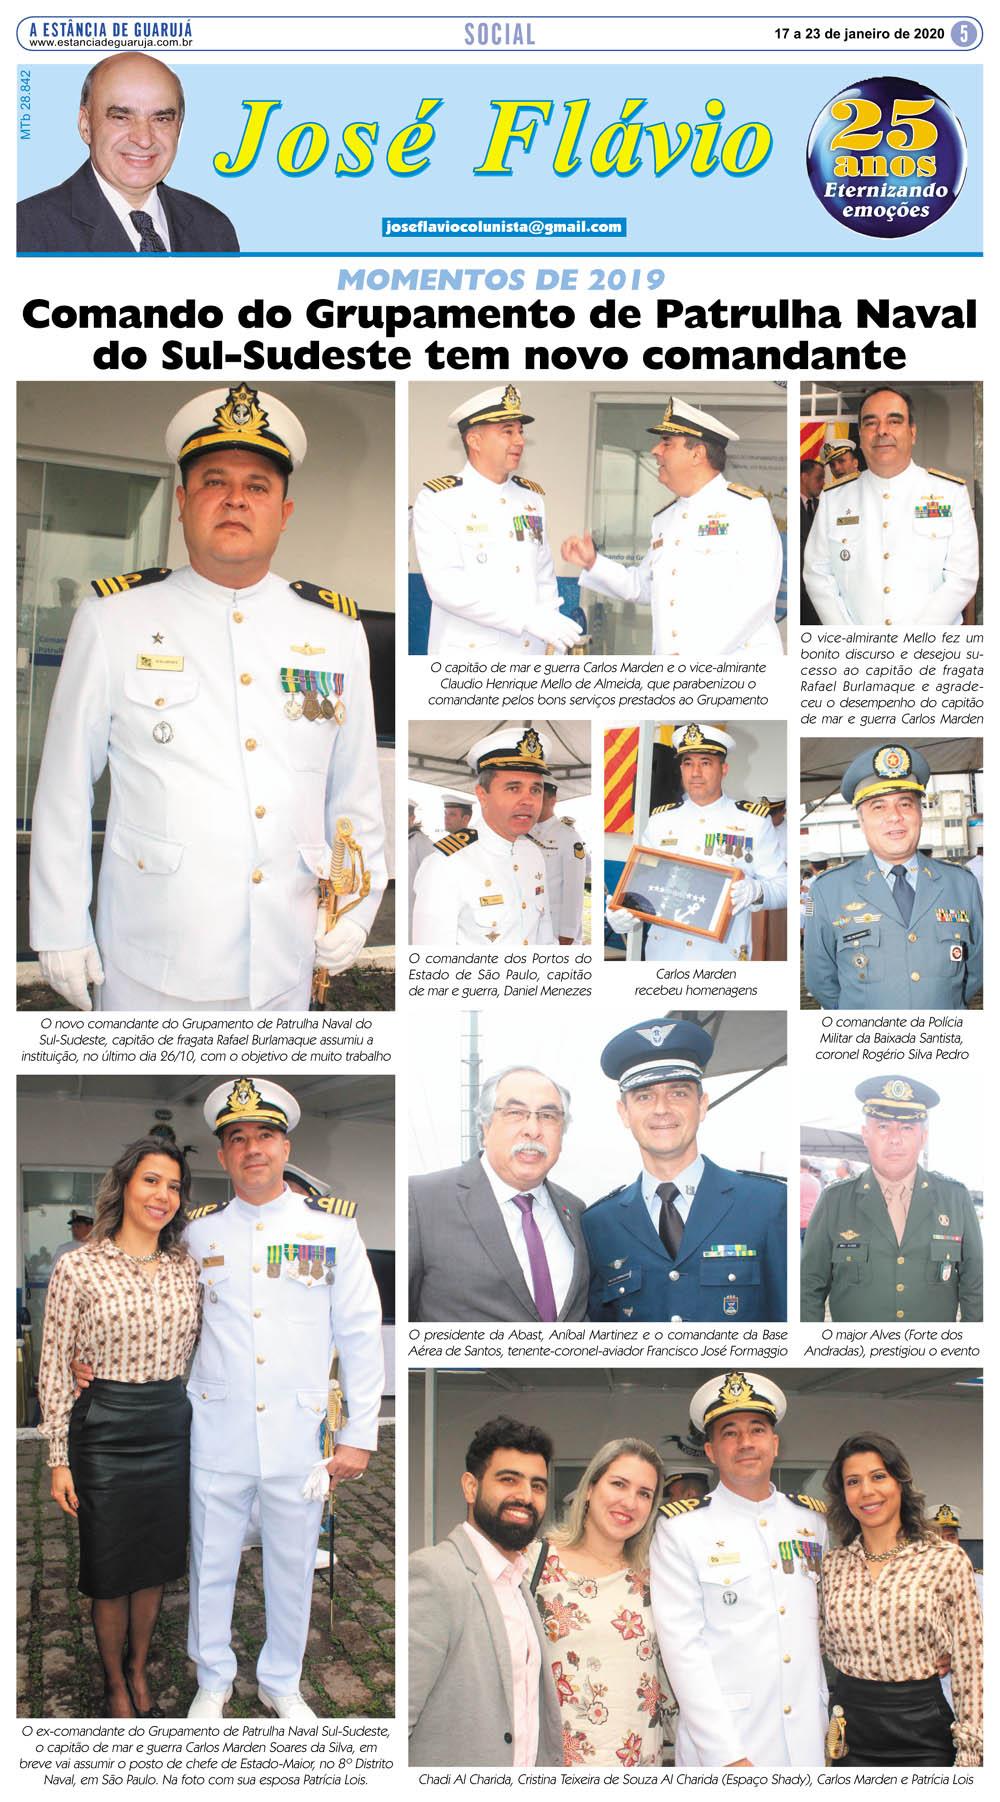 Comando do Grupamento de Patrulha Naval do Sul-Sudeste tem novo comandante